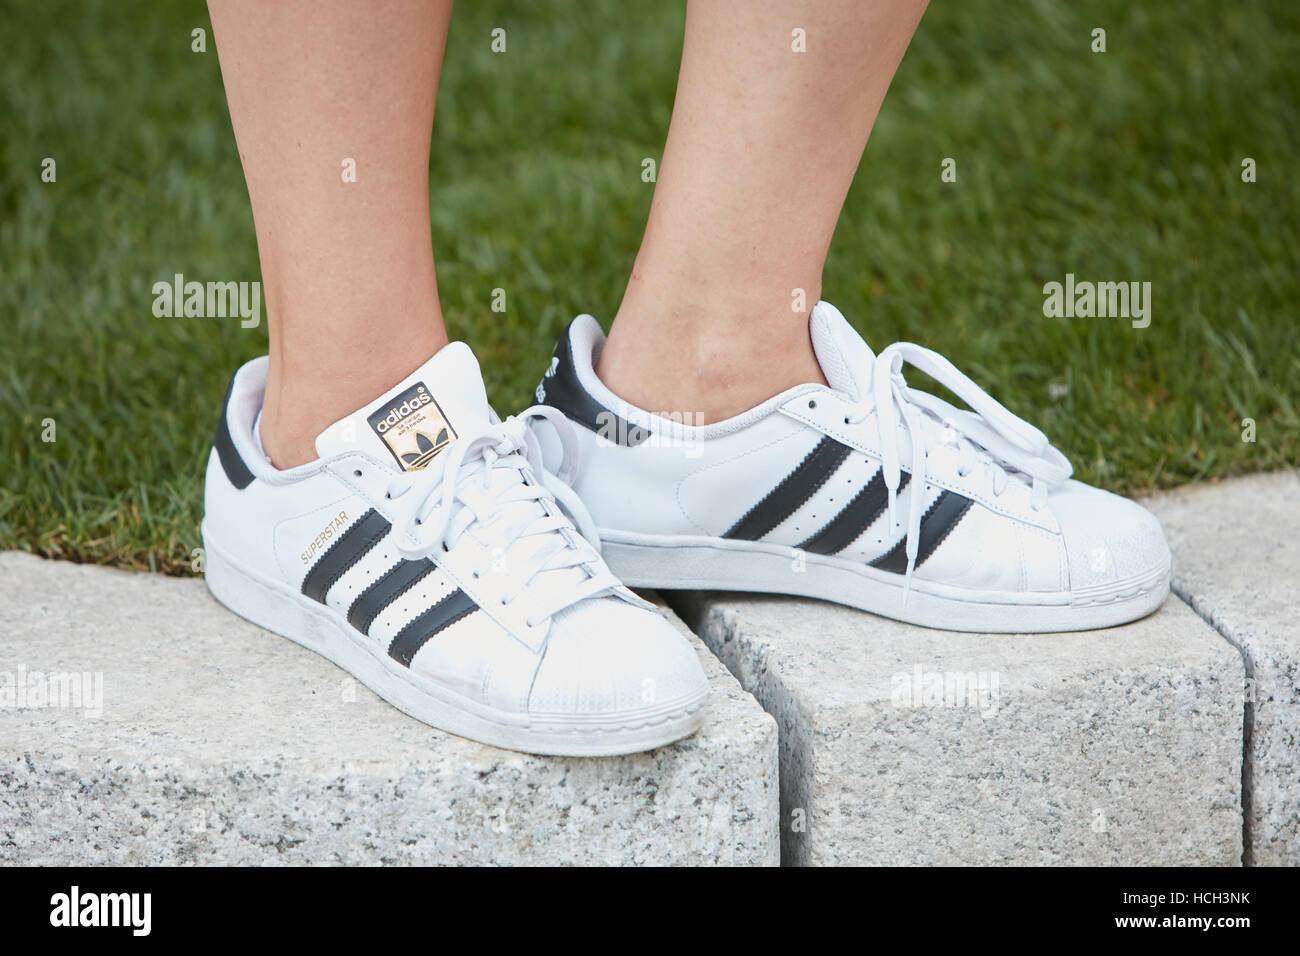 Adidas White Sneakers Stockfotos & Adidas White Sneakers